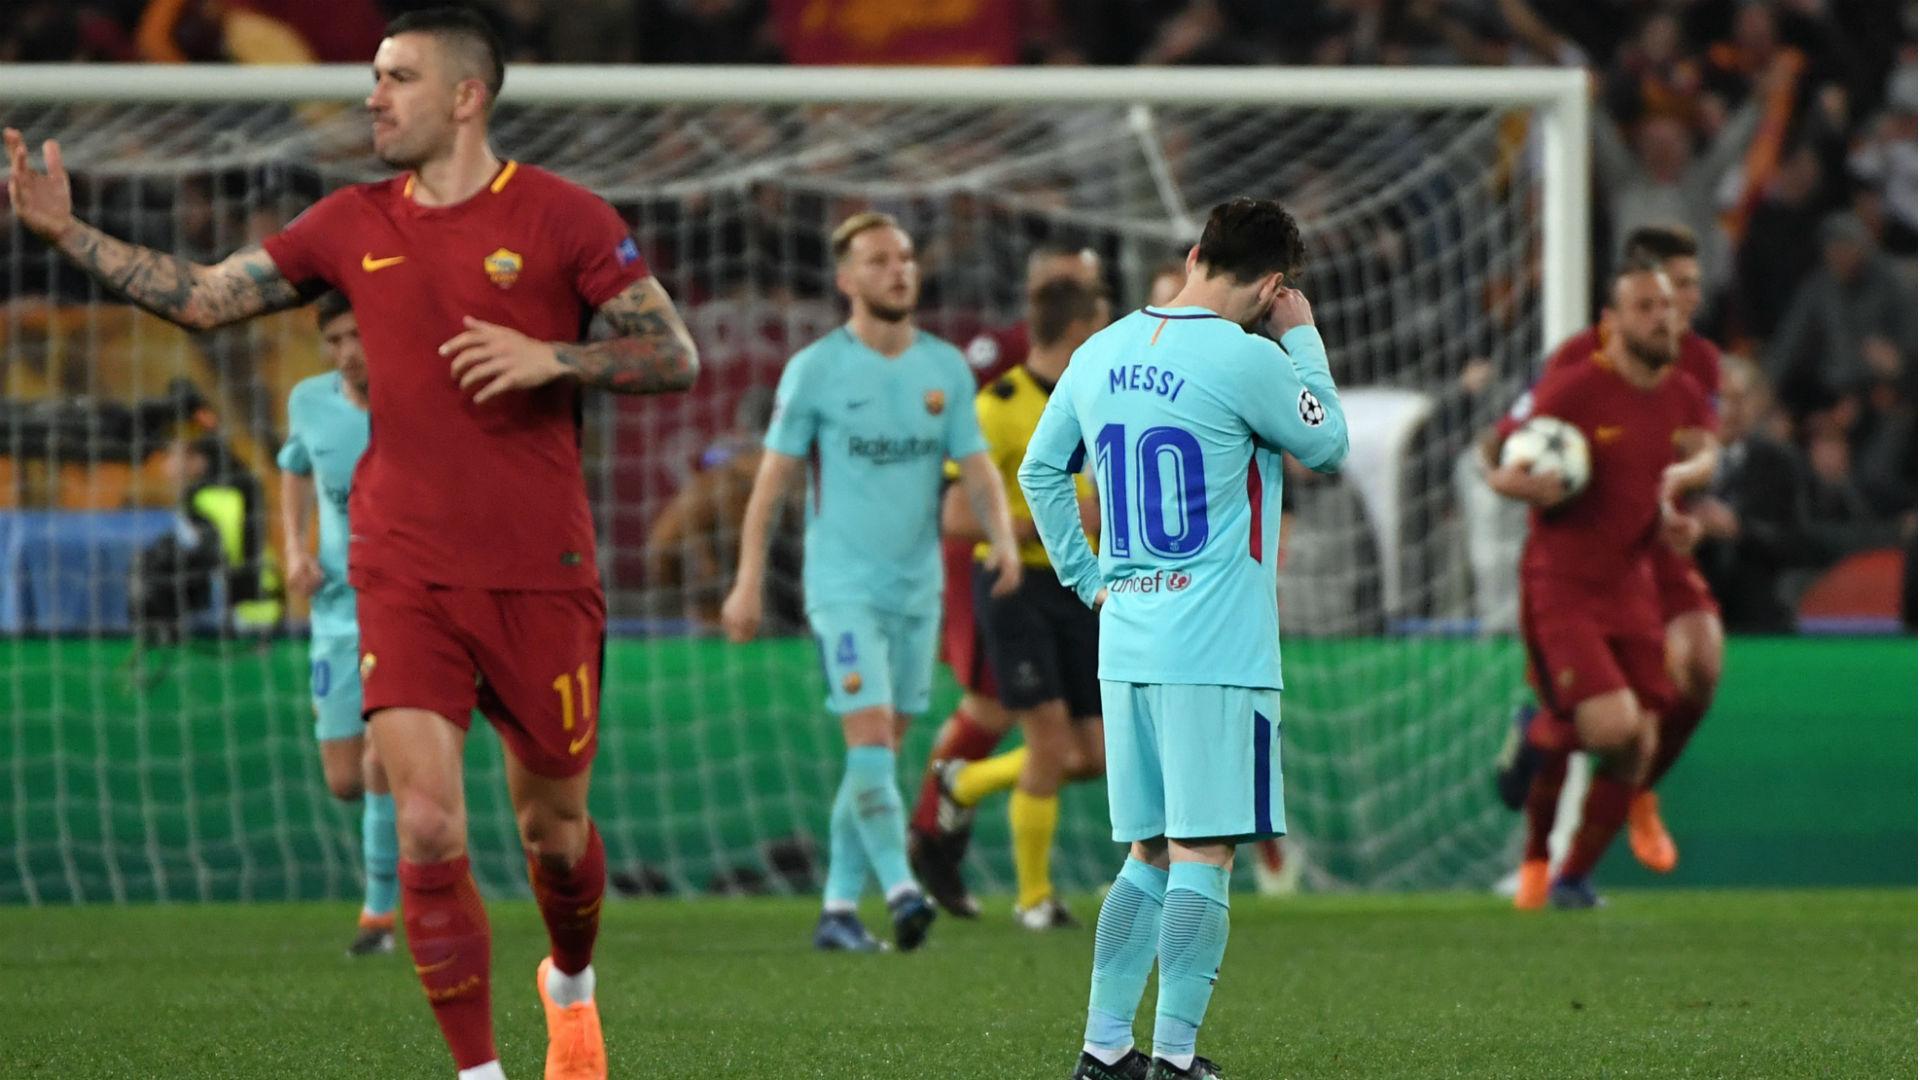 في مفاجئة مدوية: روما يقصي برشلونة من ربع نهائي رابطة الأبطال الأروبية